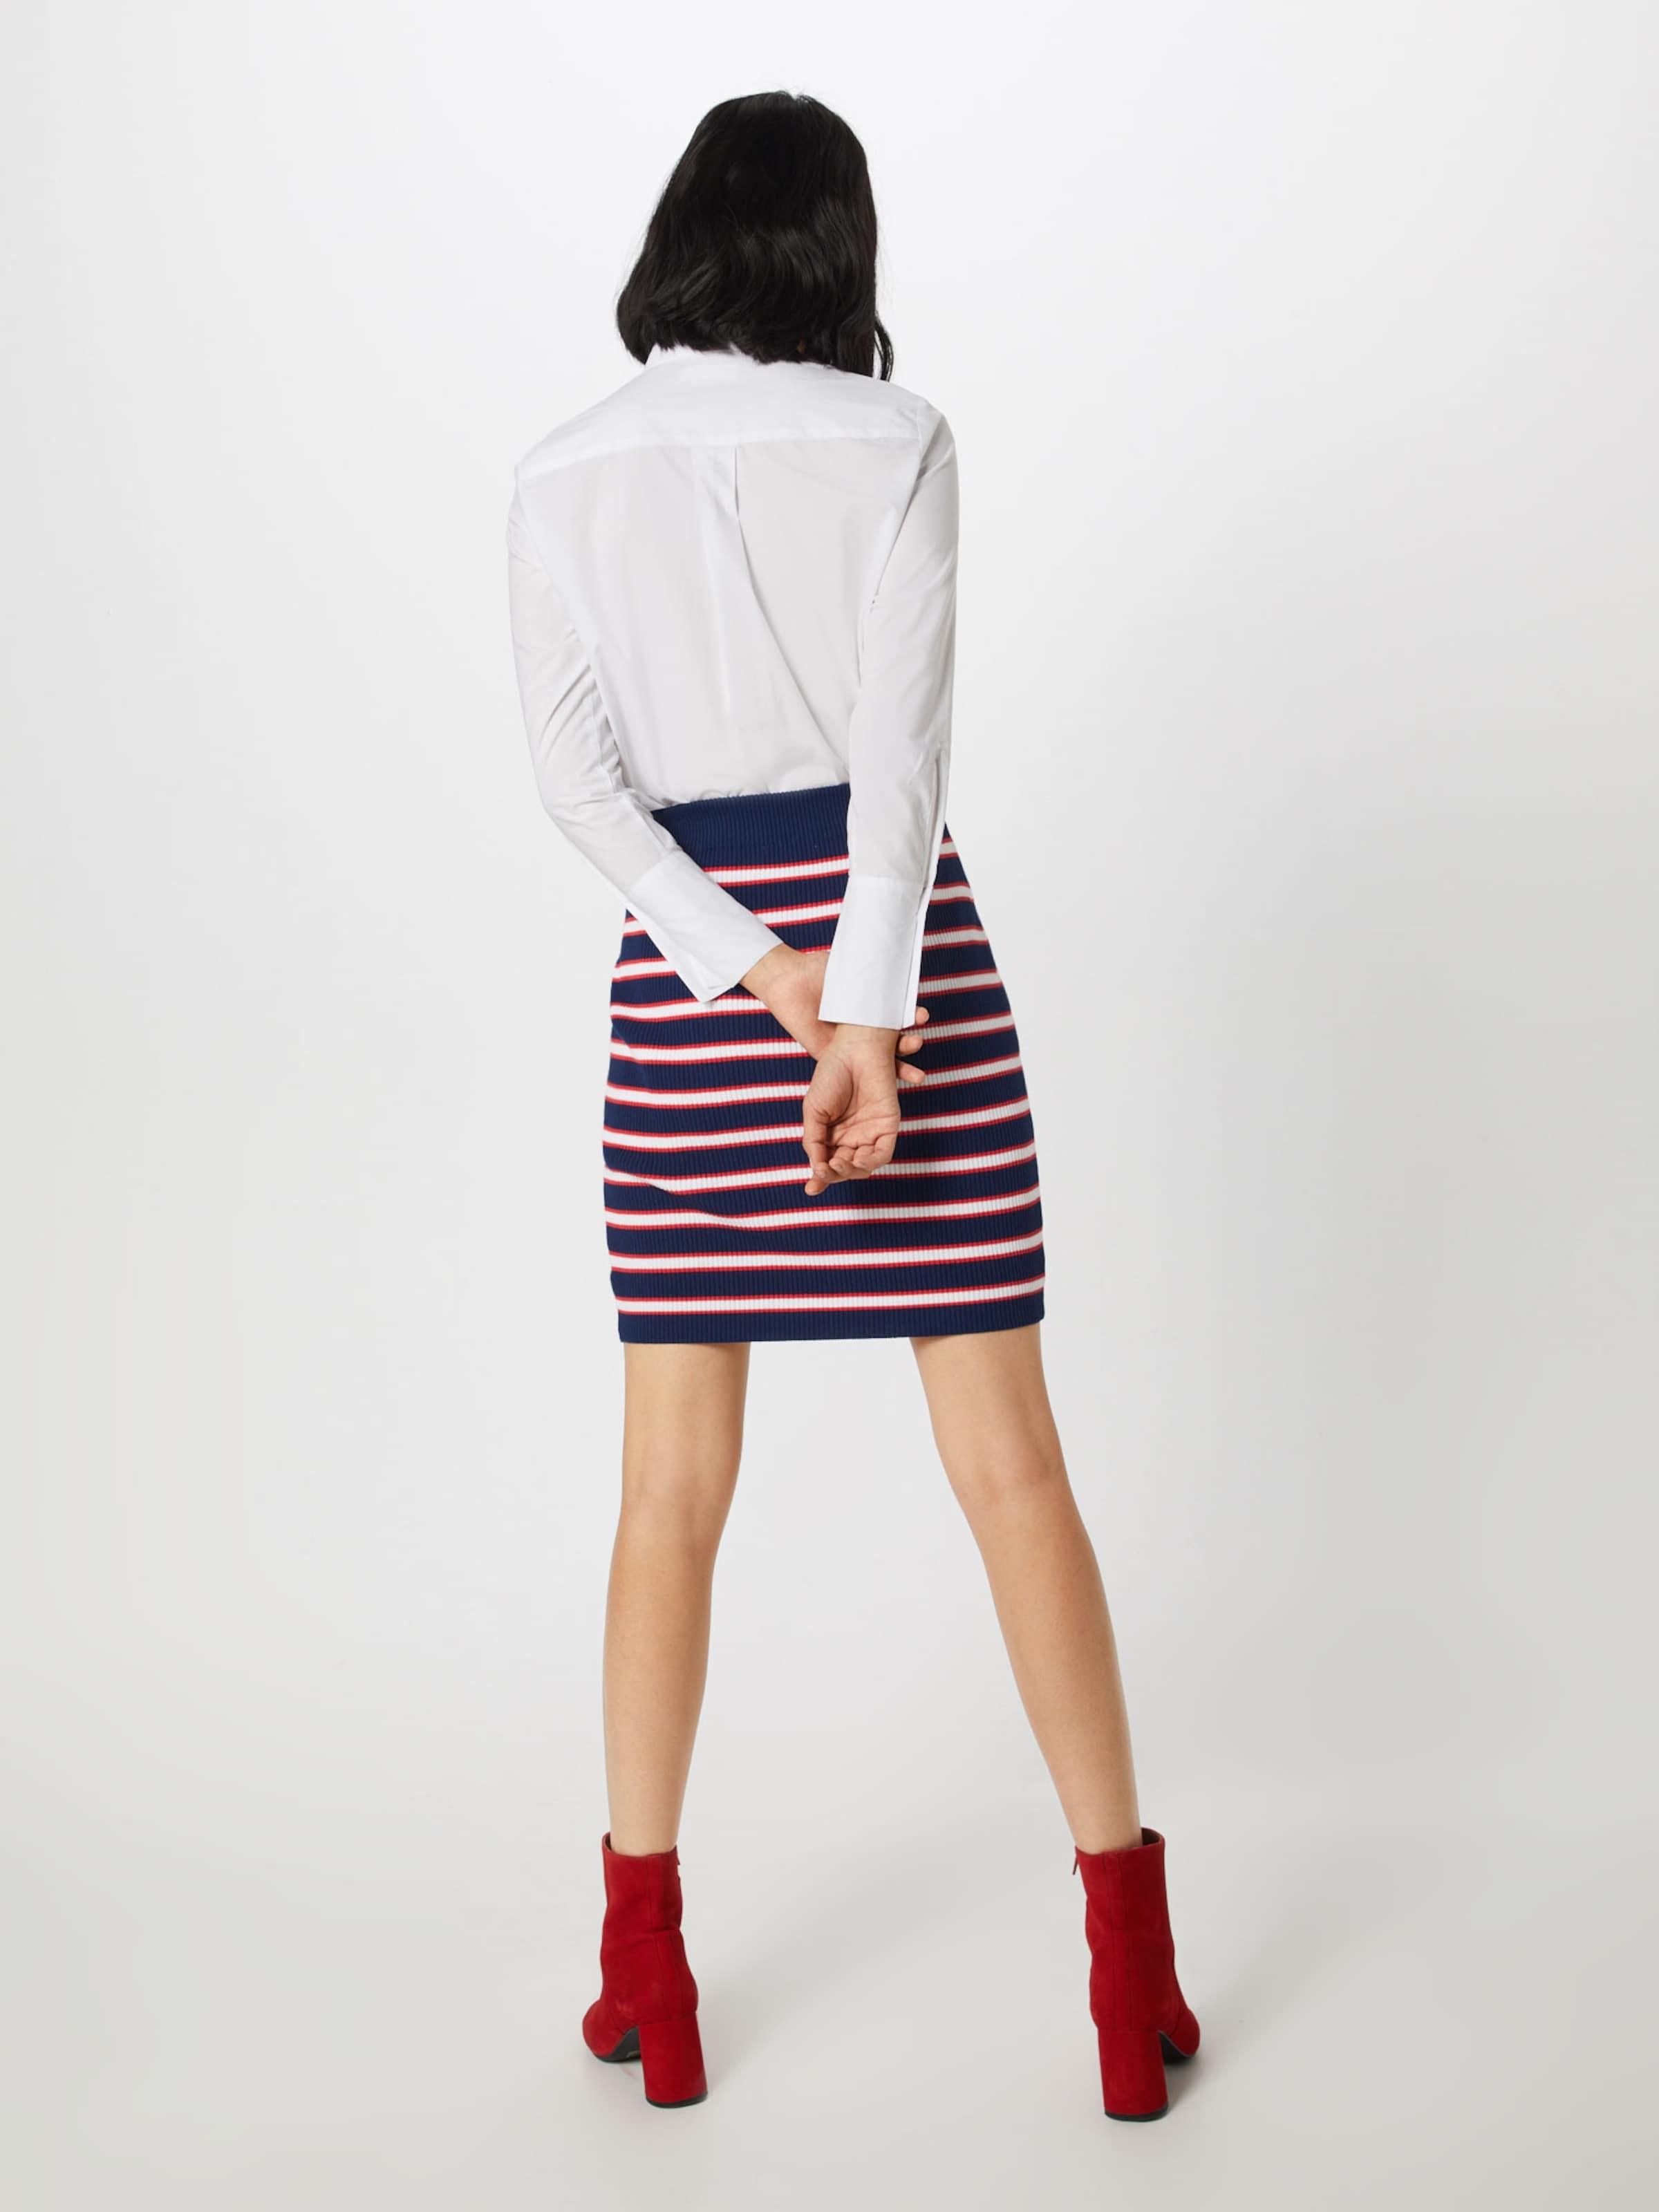 MarineRouge Bleu Guess En Sweater Jupe Blanc Skirt' 'alexandra JKl3uFcT1